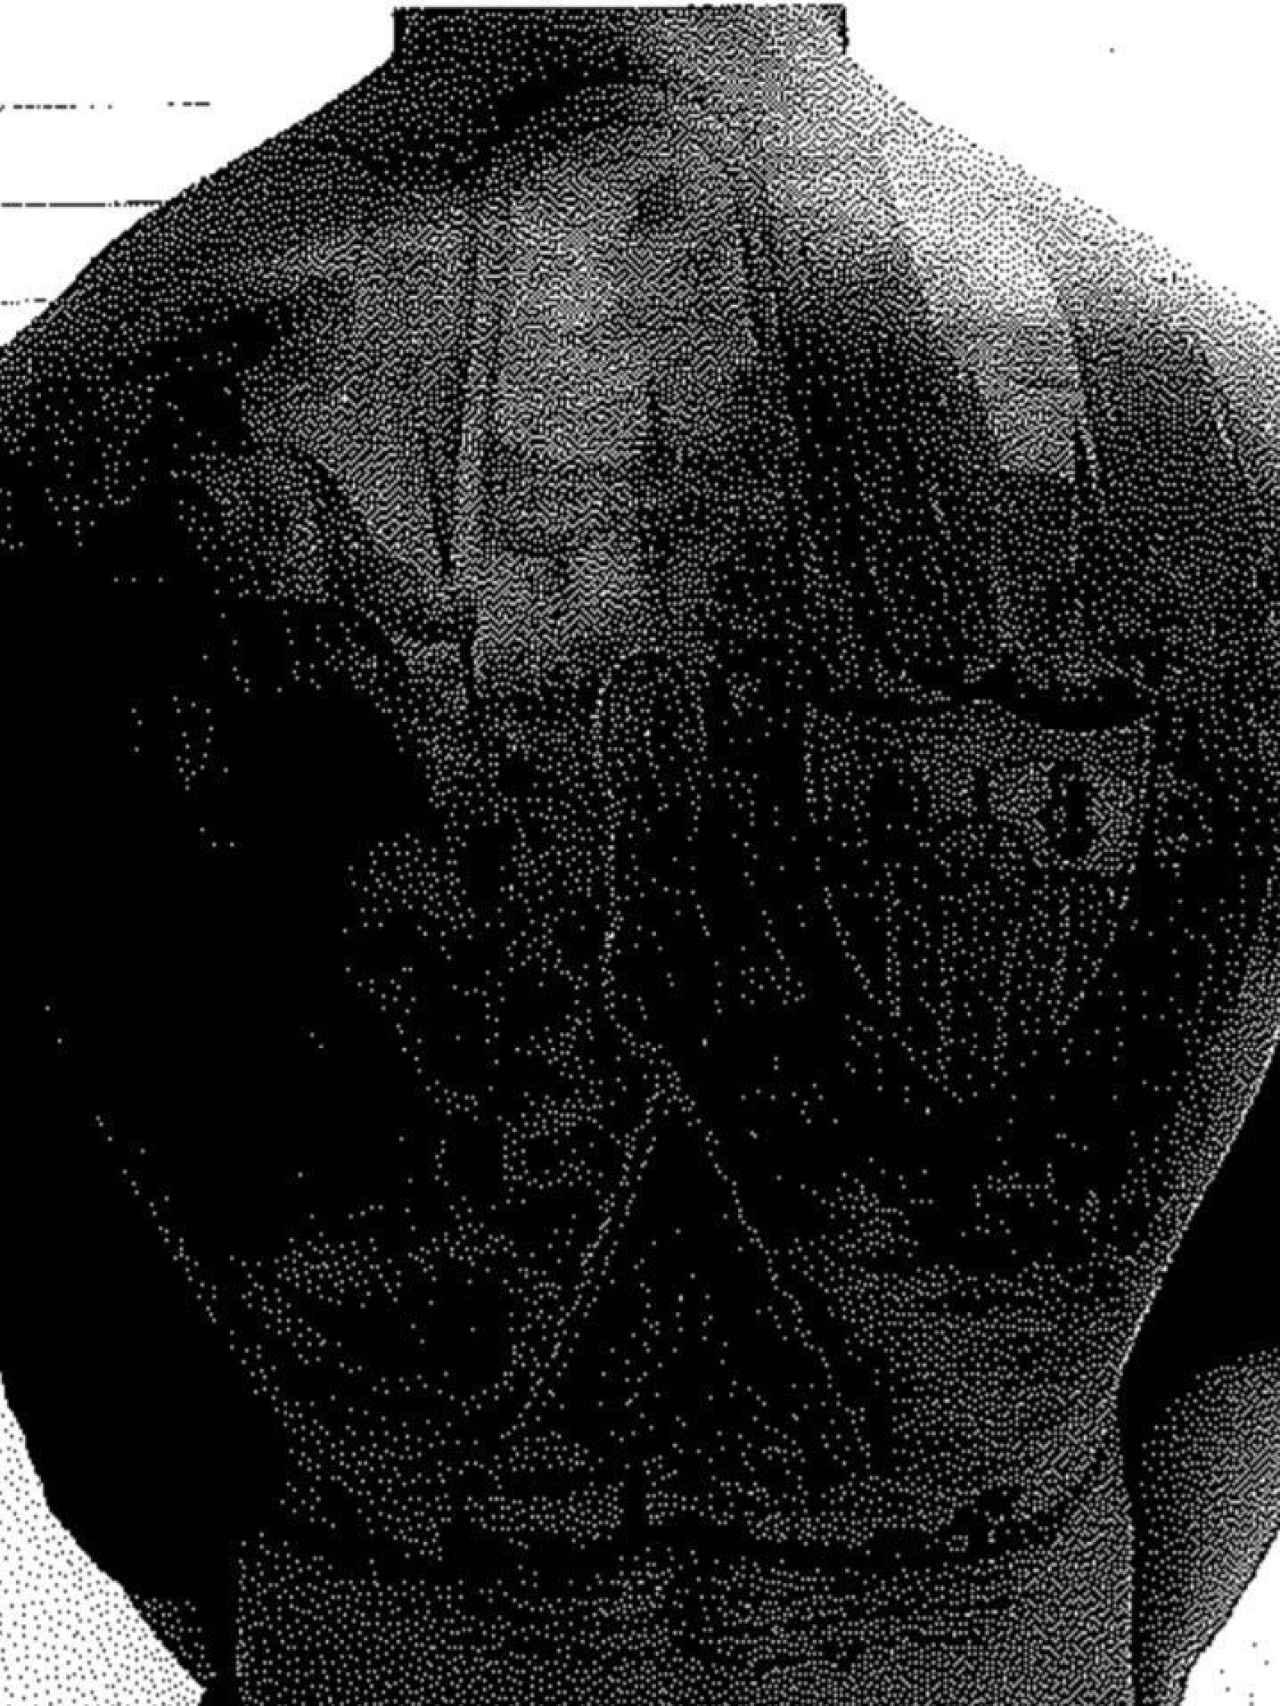 Tatuaje del escudo del Sevilla que el militar lleva en la espalda.